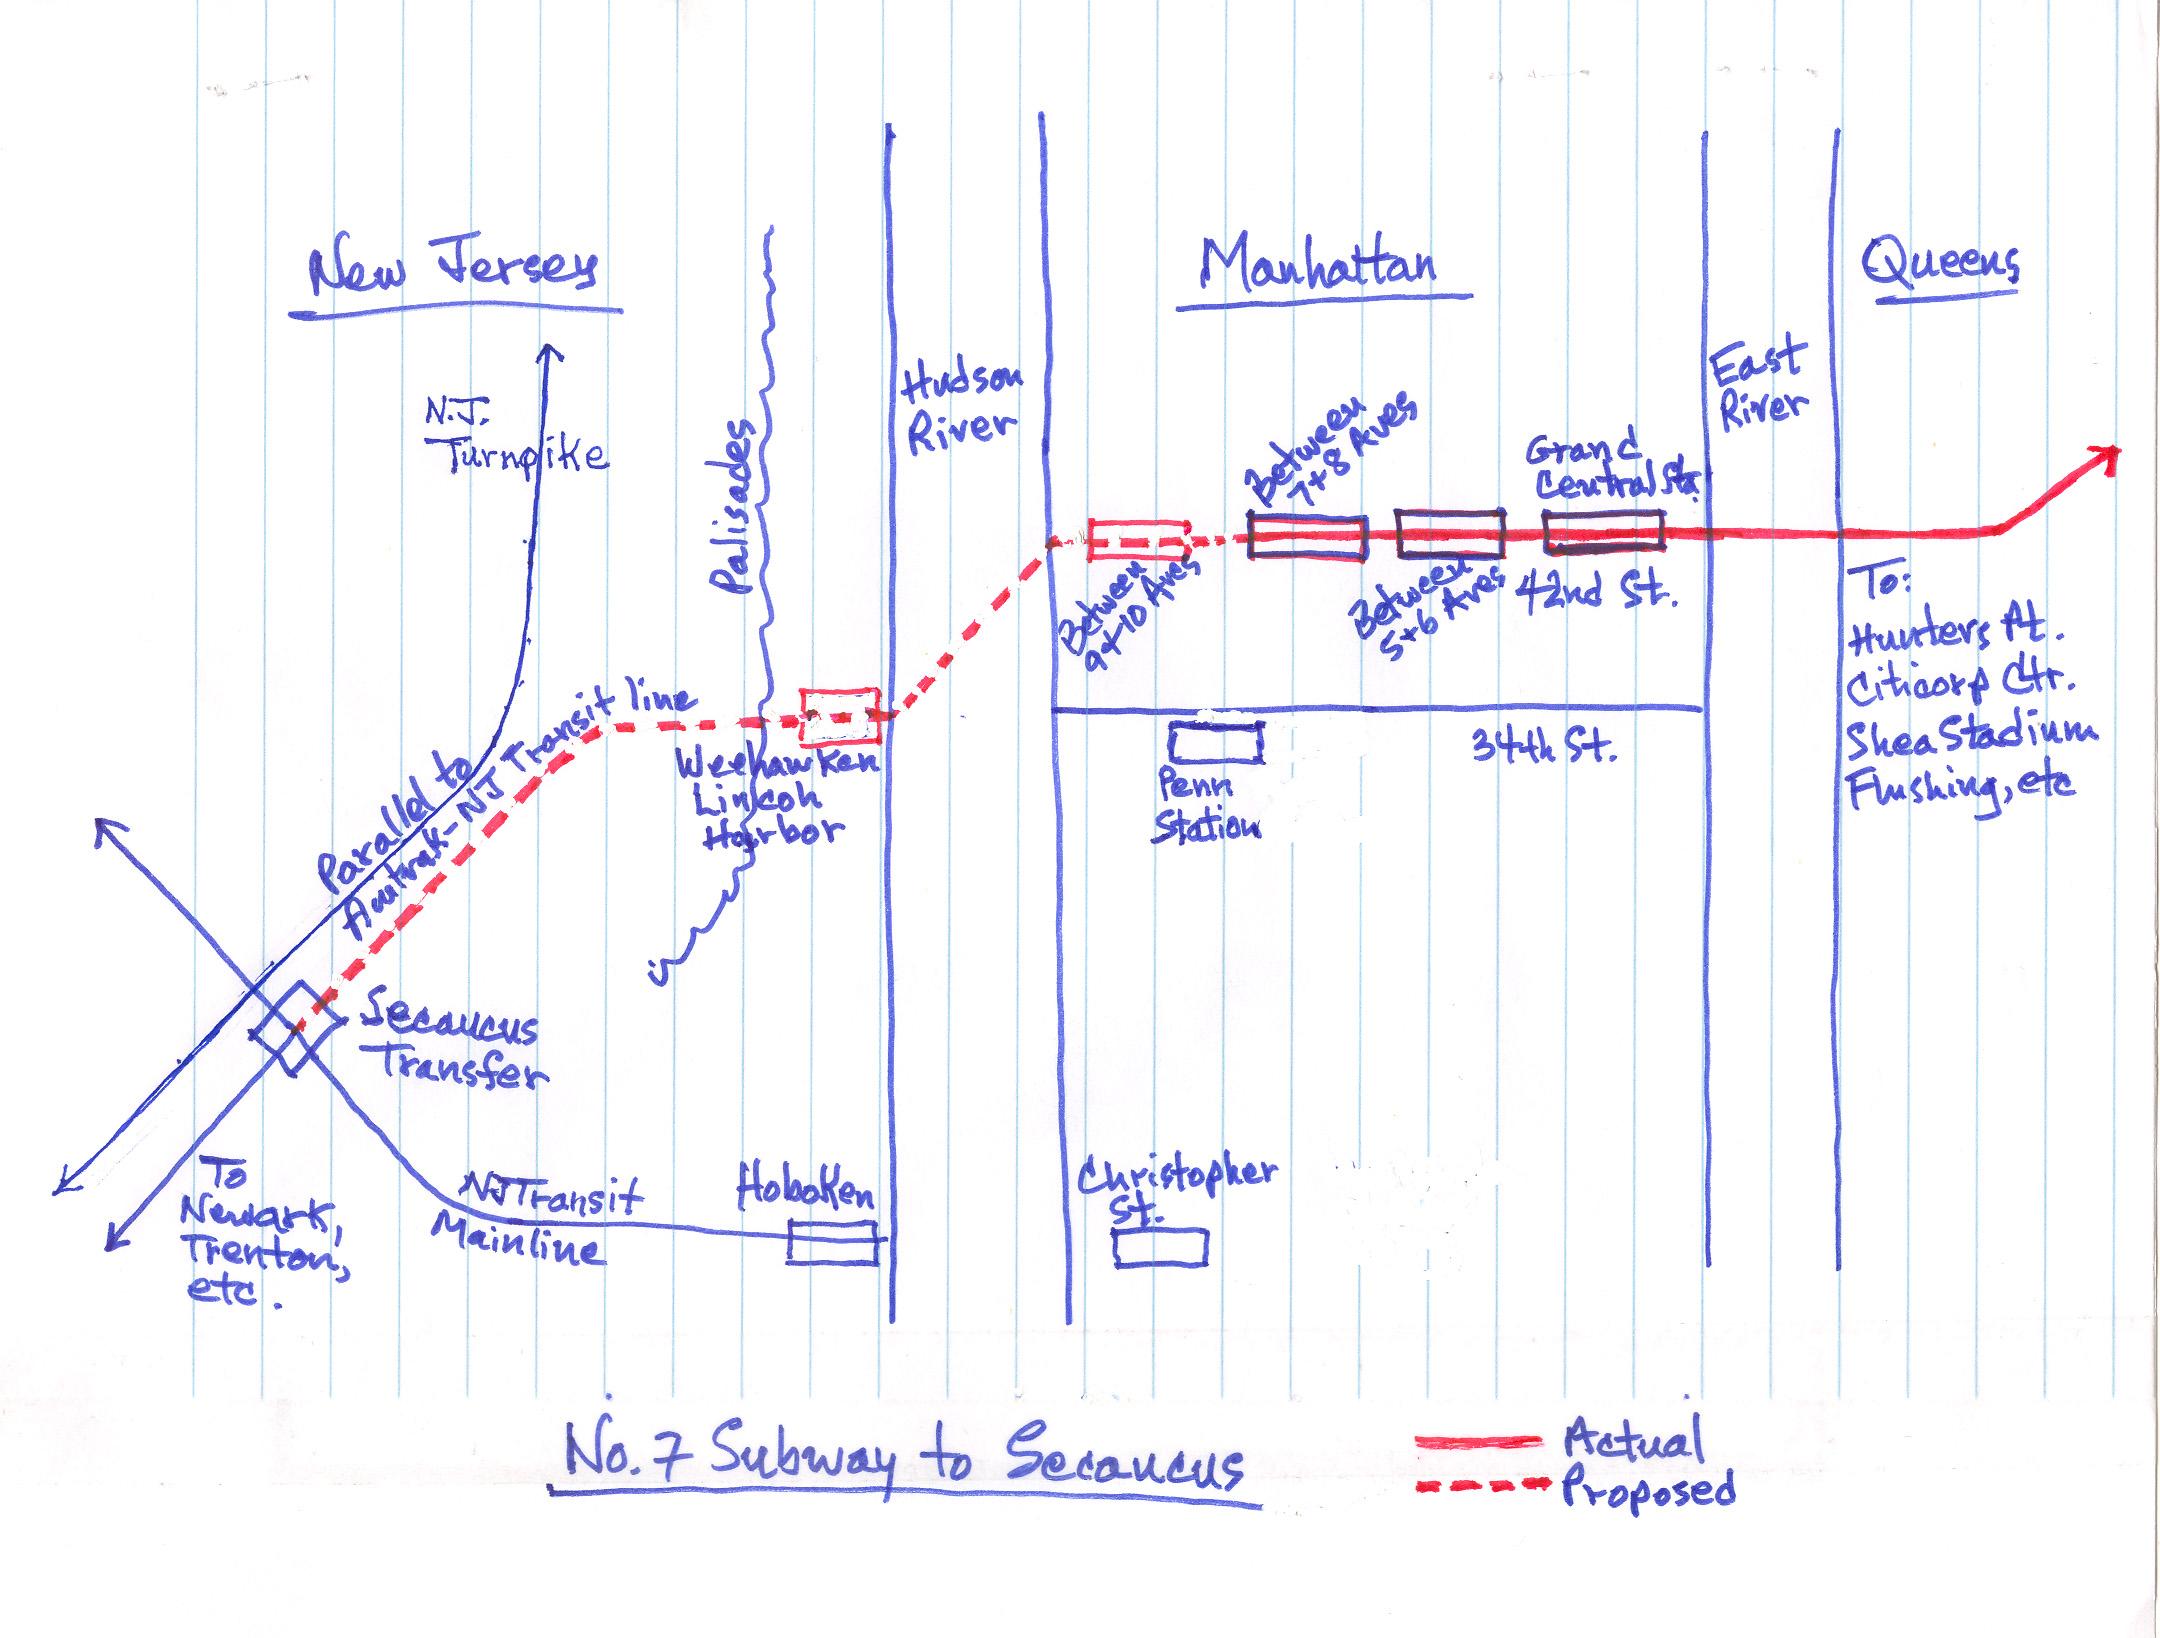 Source: subwaytosecaucus.org